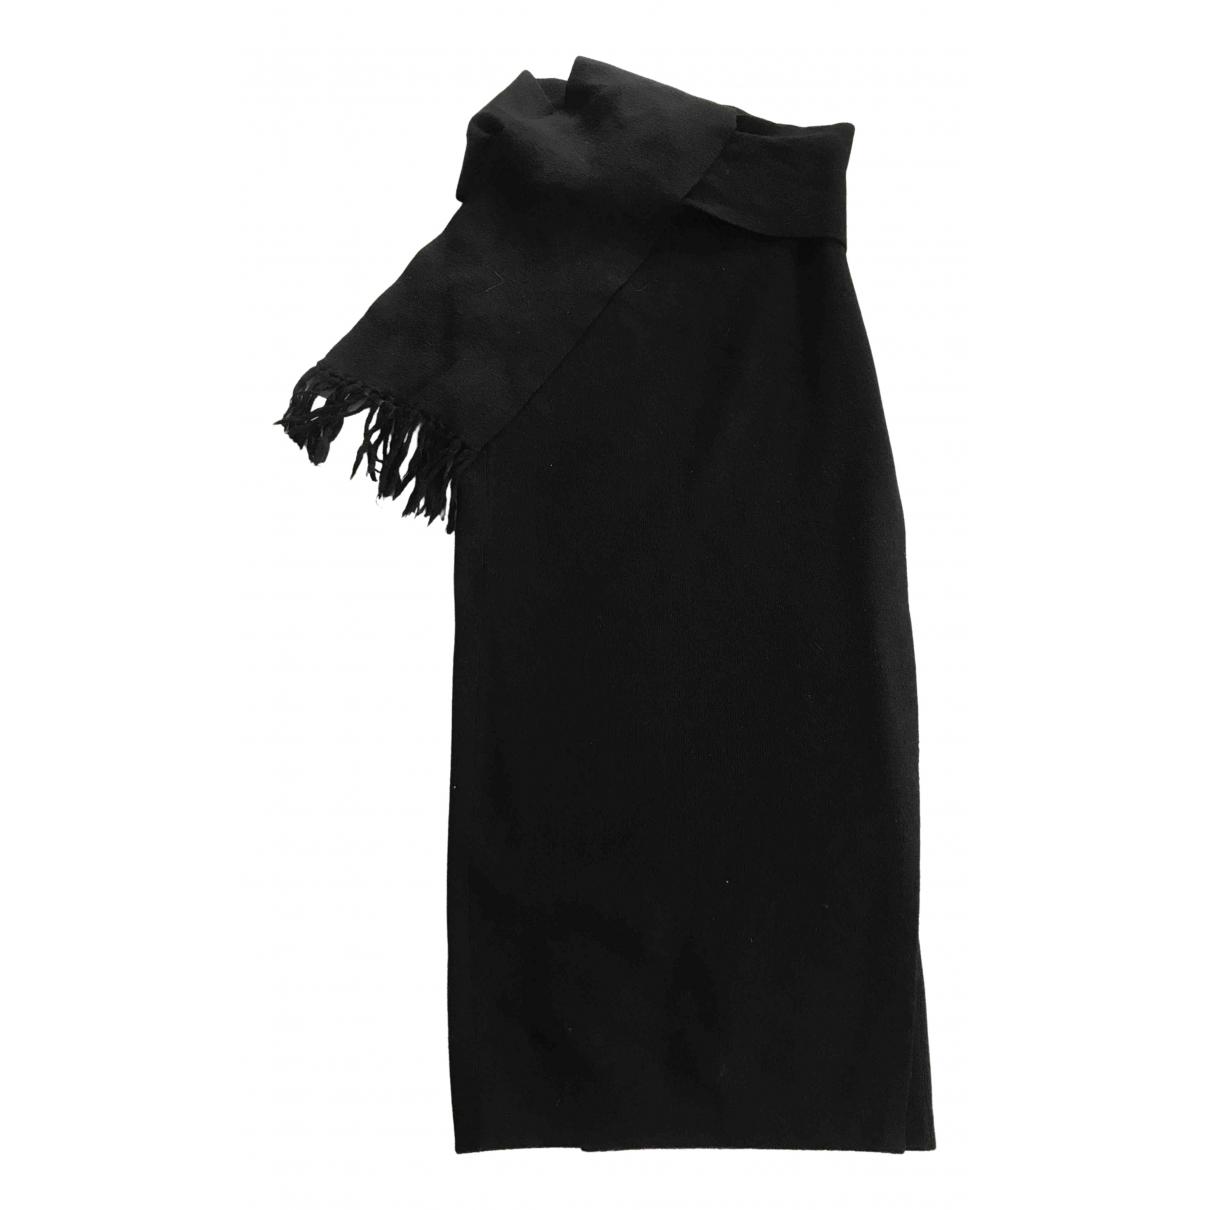 Nicole Farhi - Jupe   pour femme en laine - noir